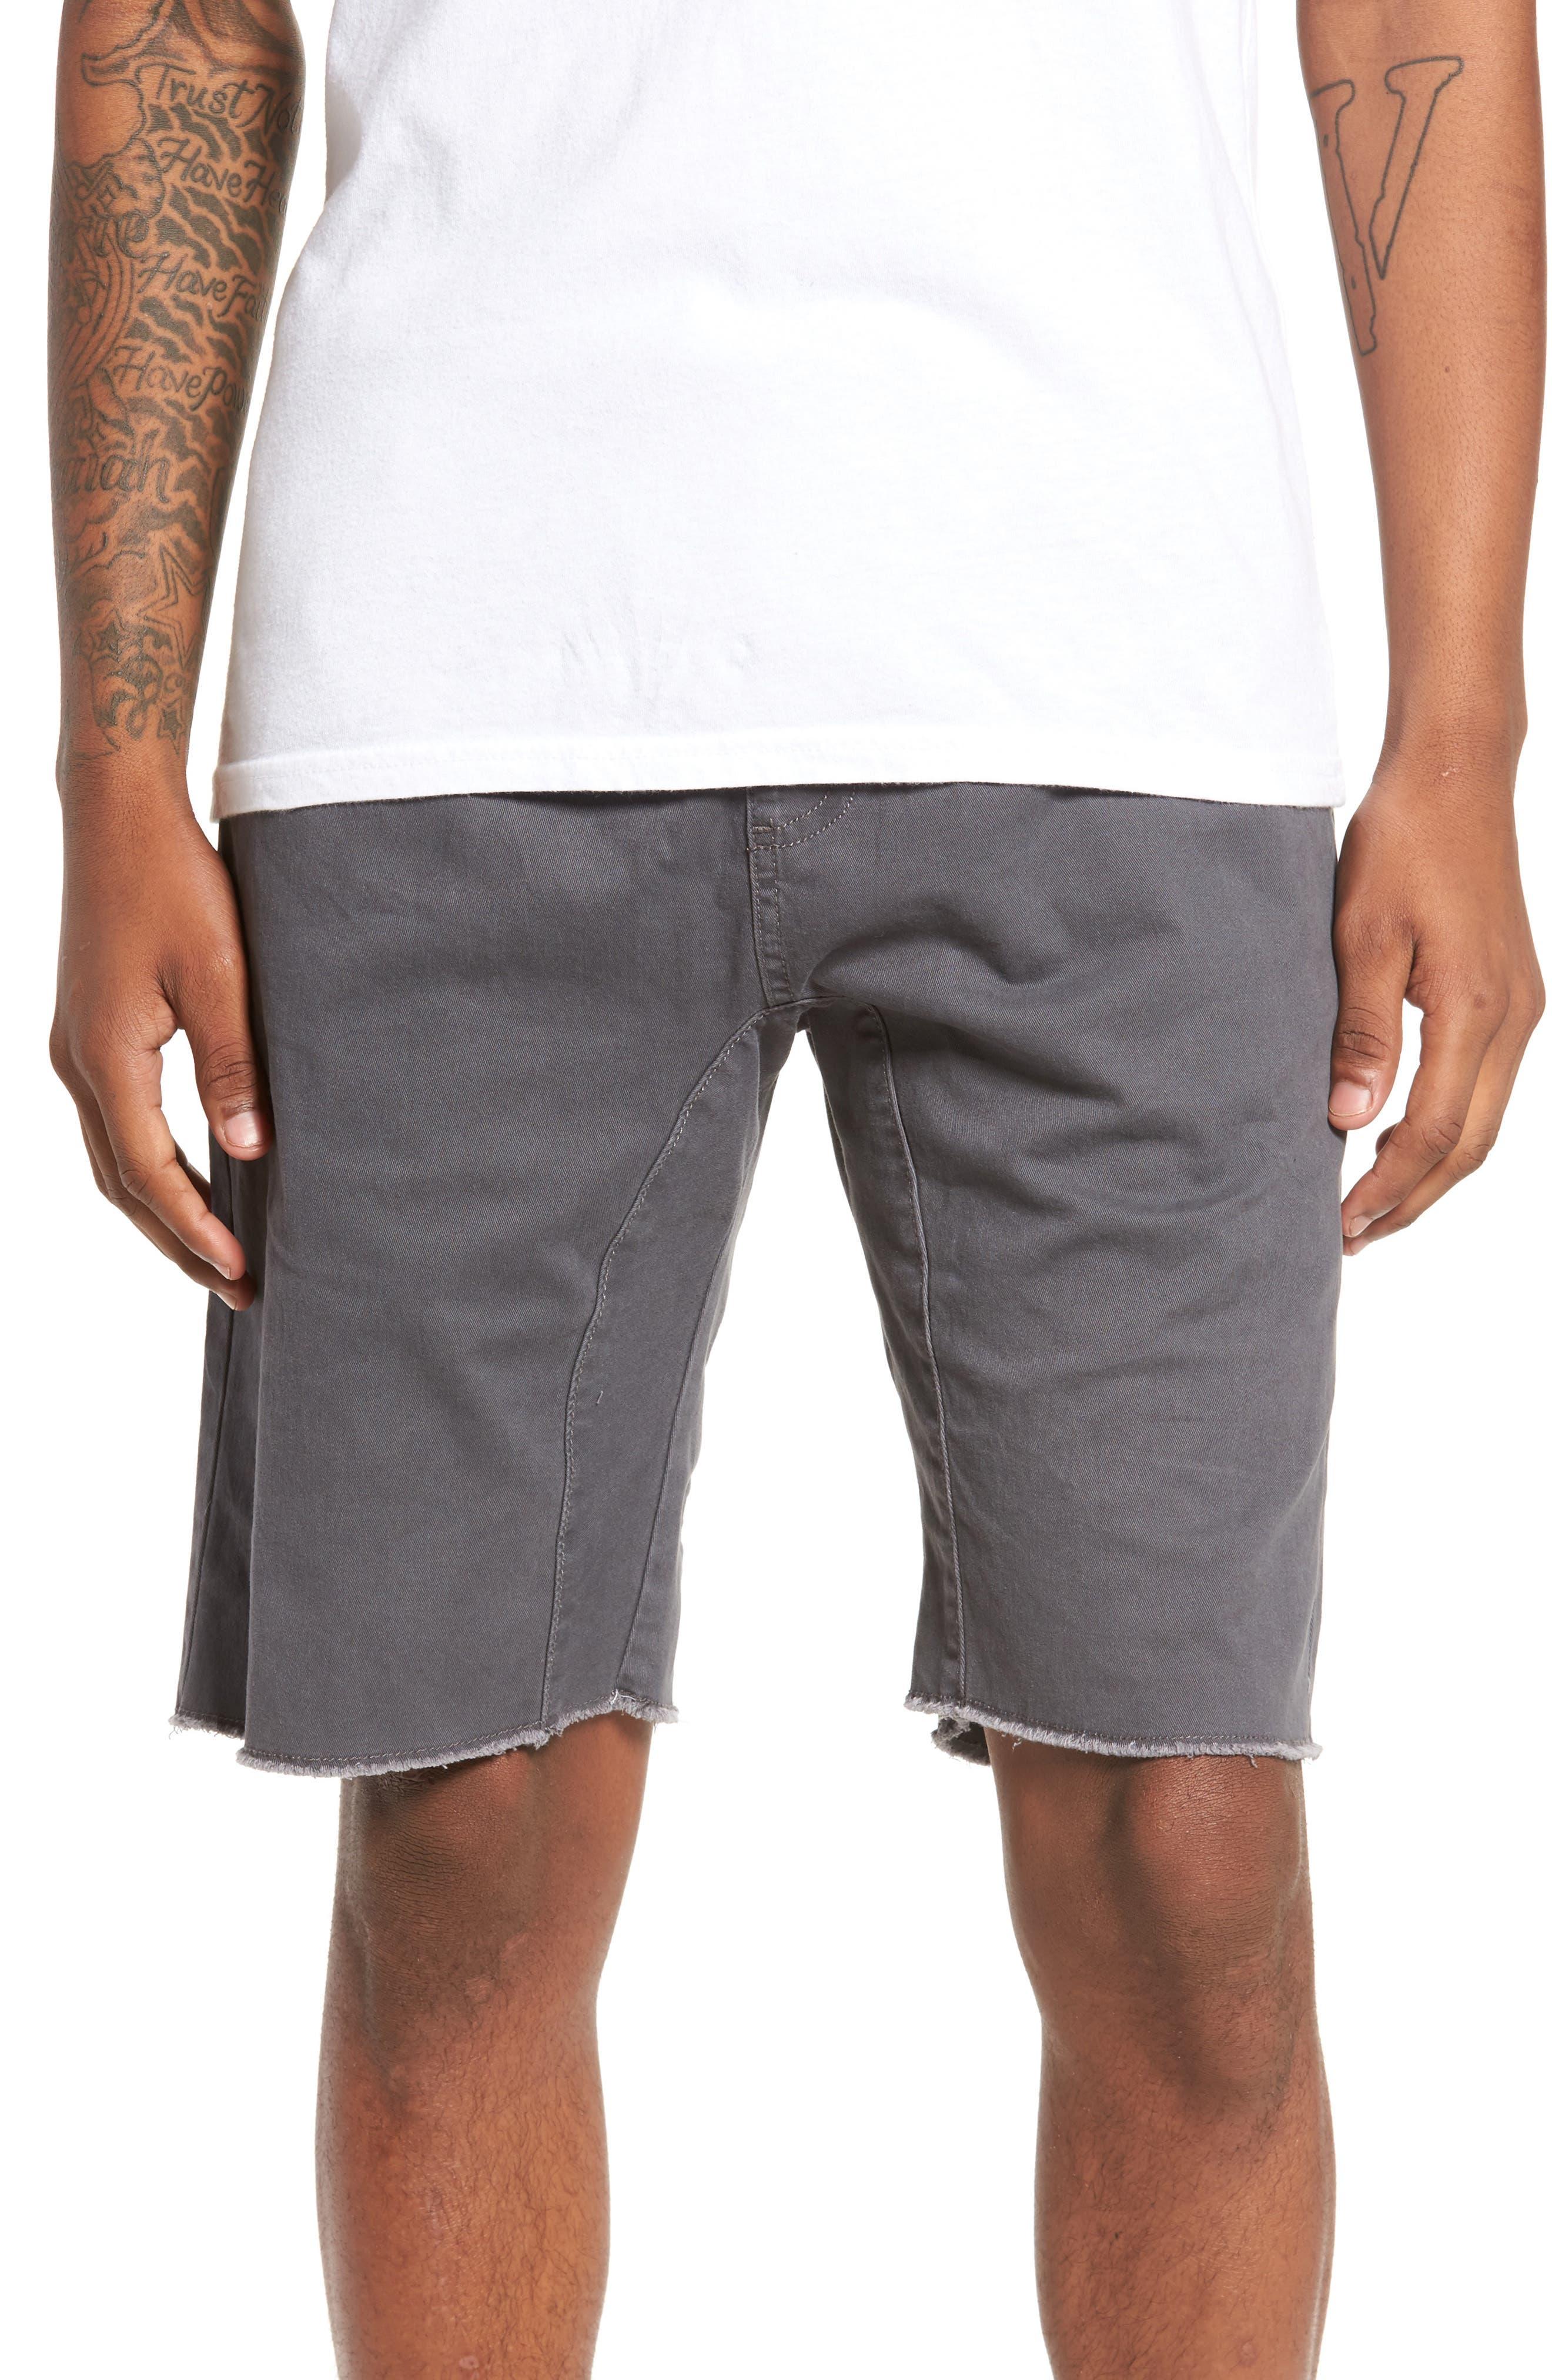 Jogger Shorts,                             Main thumbnail 1, color,                             GREY ONYX